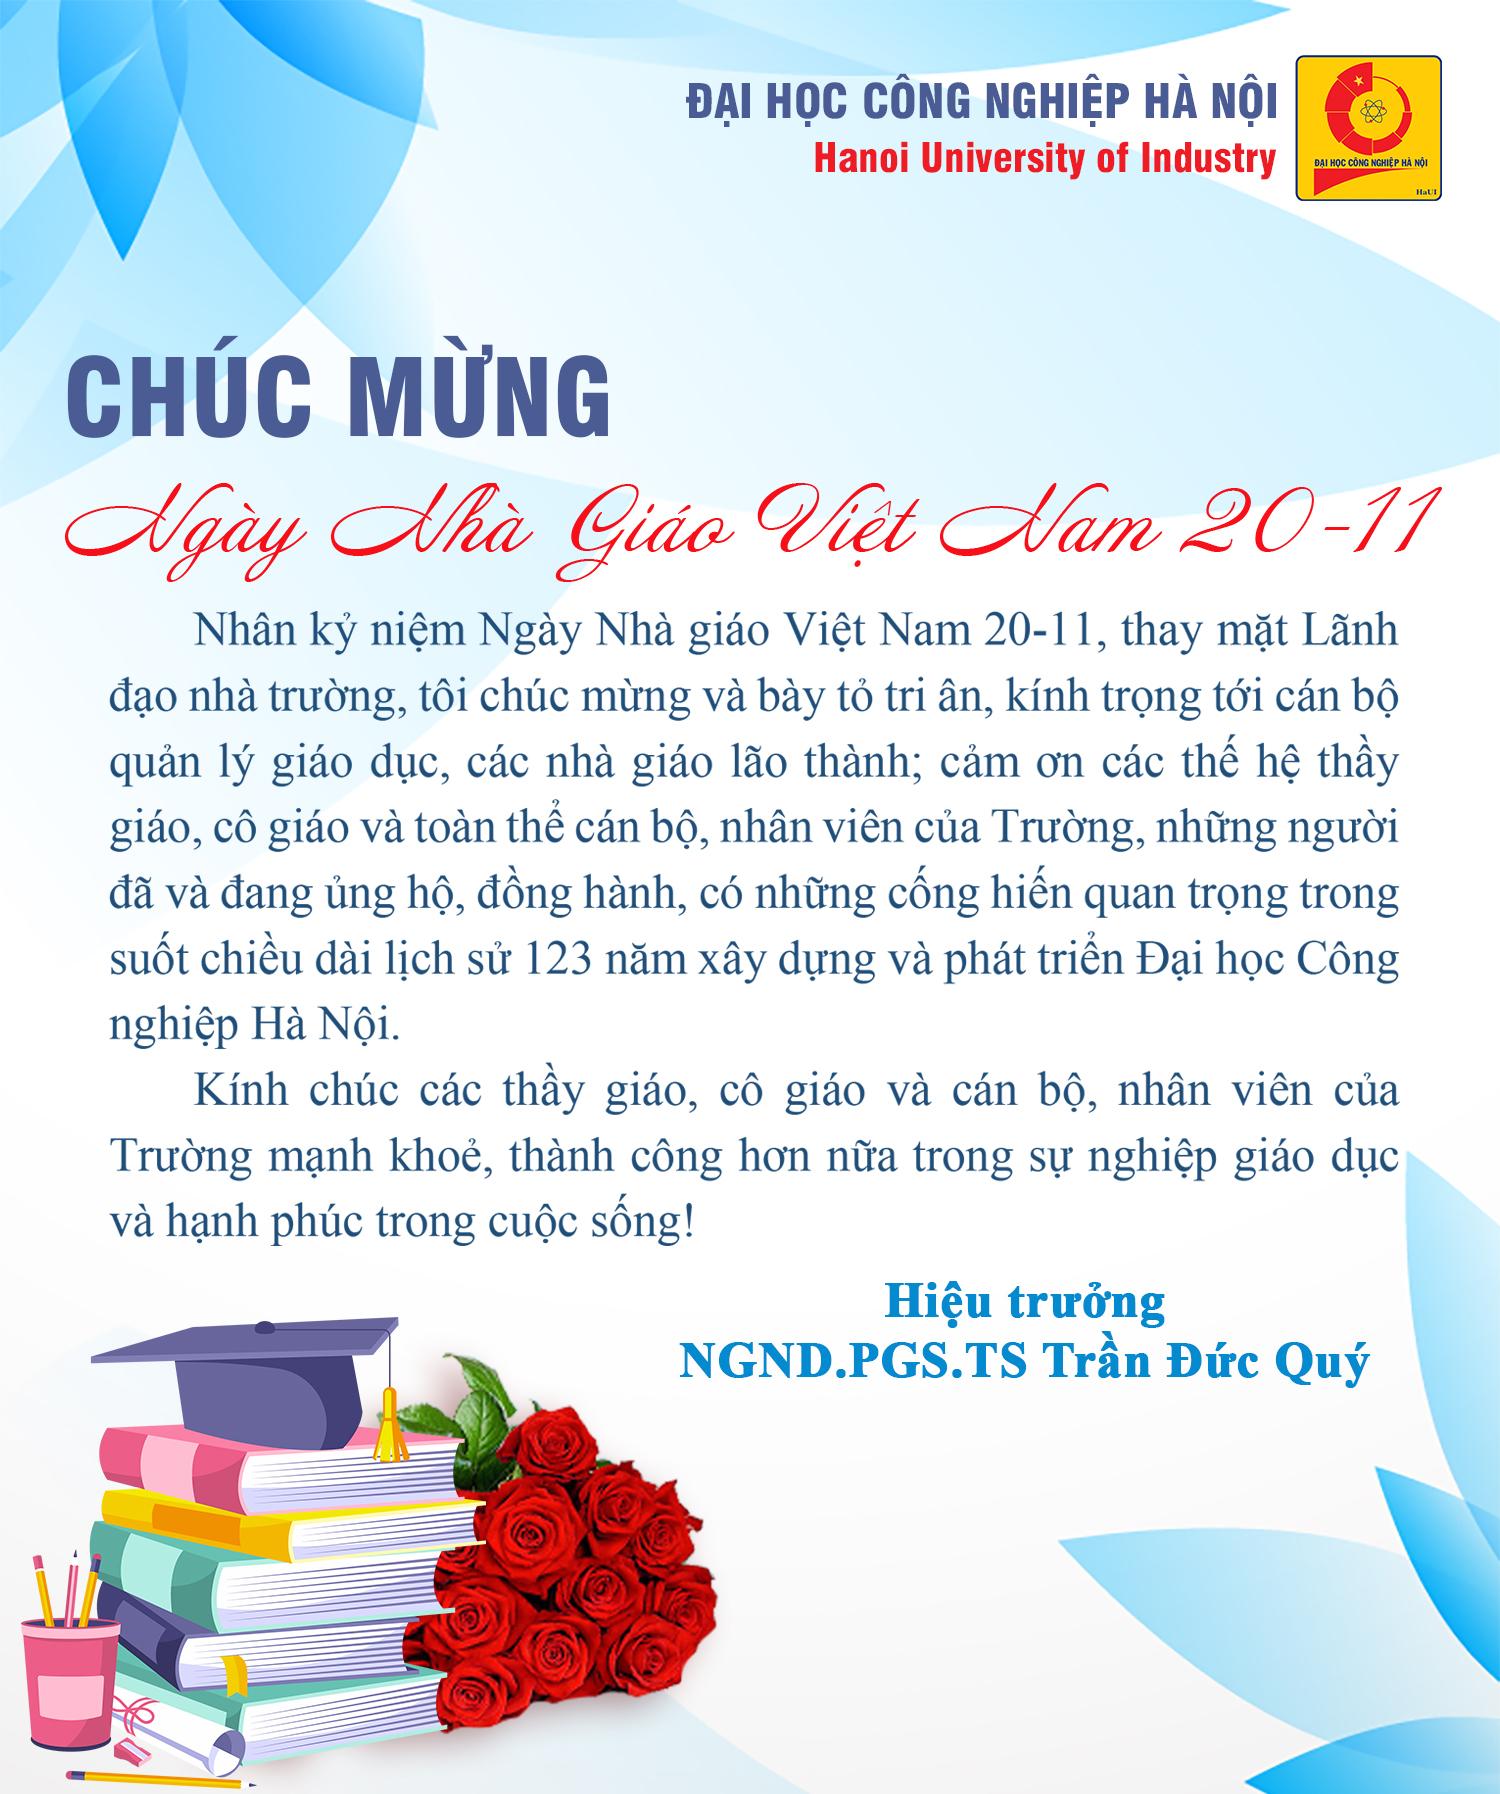 Hiệu trưởng chúc mừng nhân ngày Nhà giáo Việt Nam 20/11